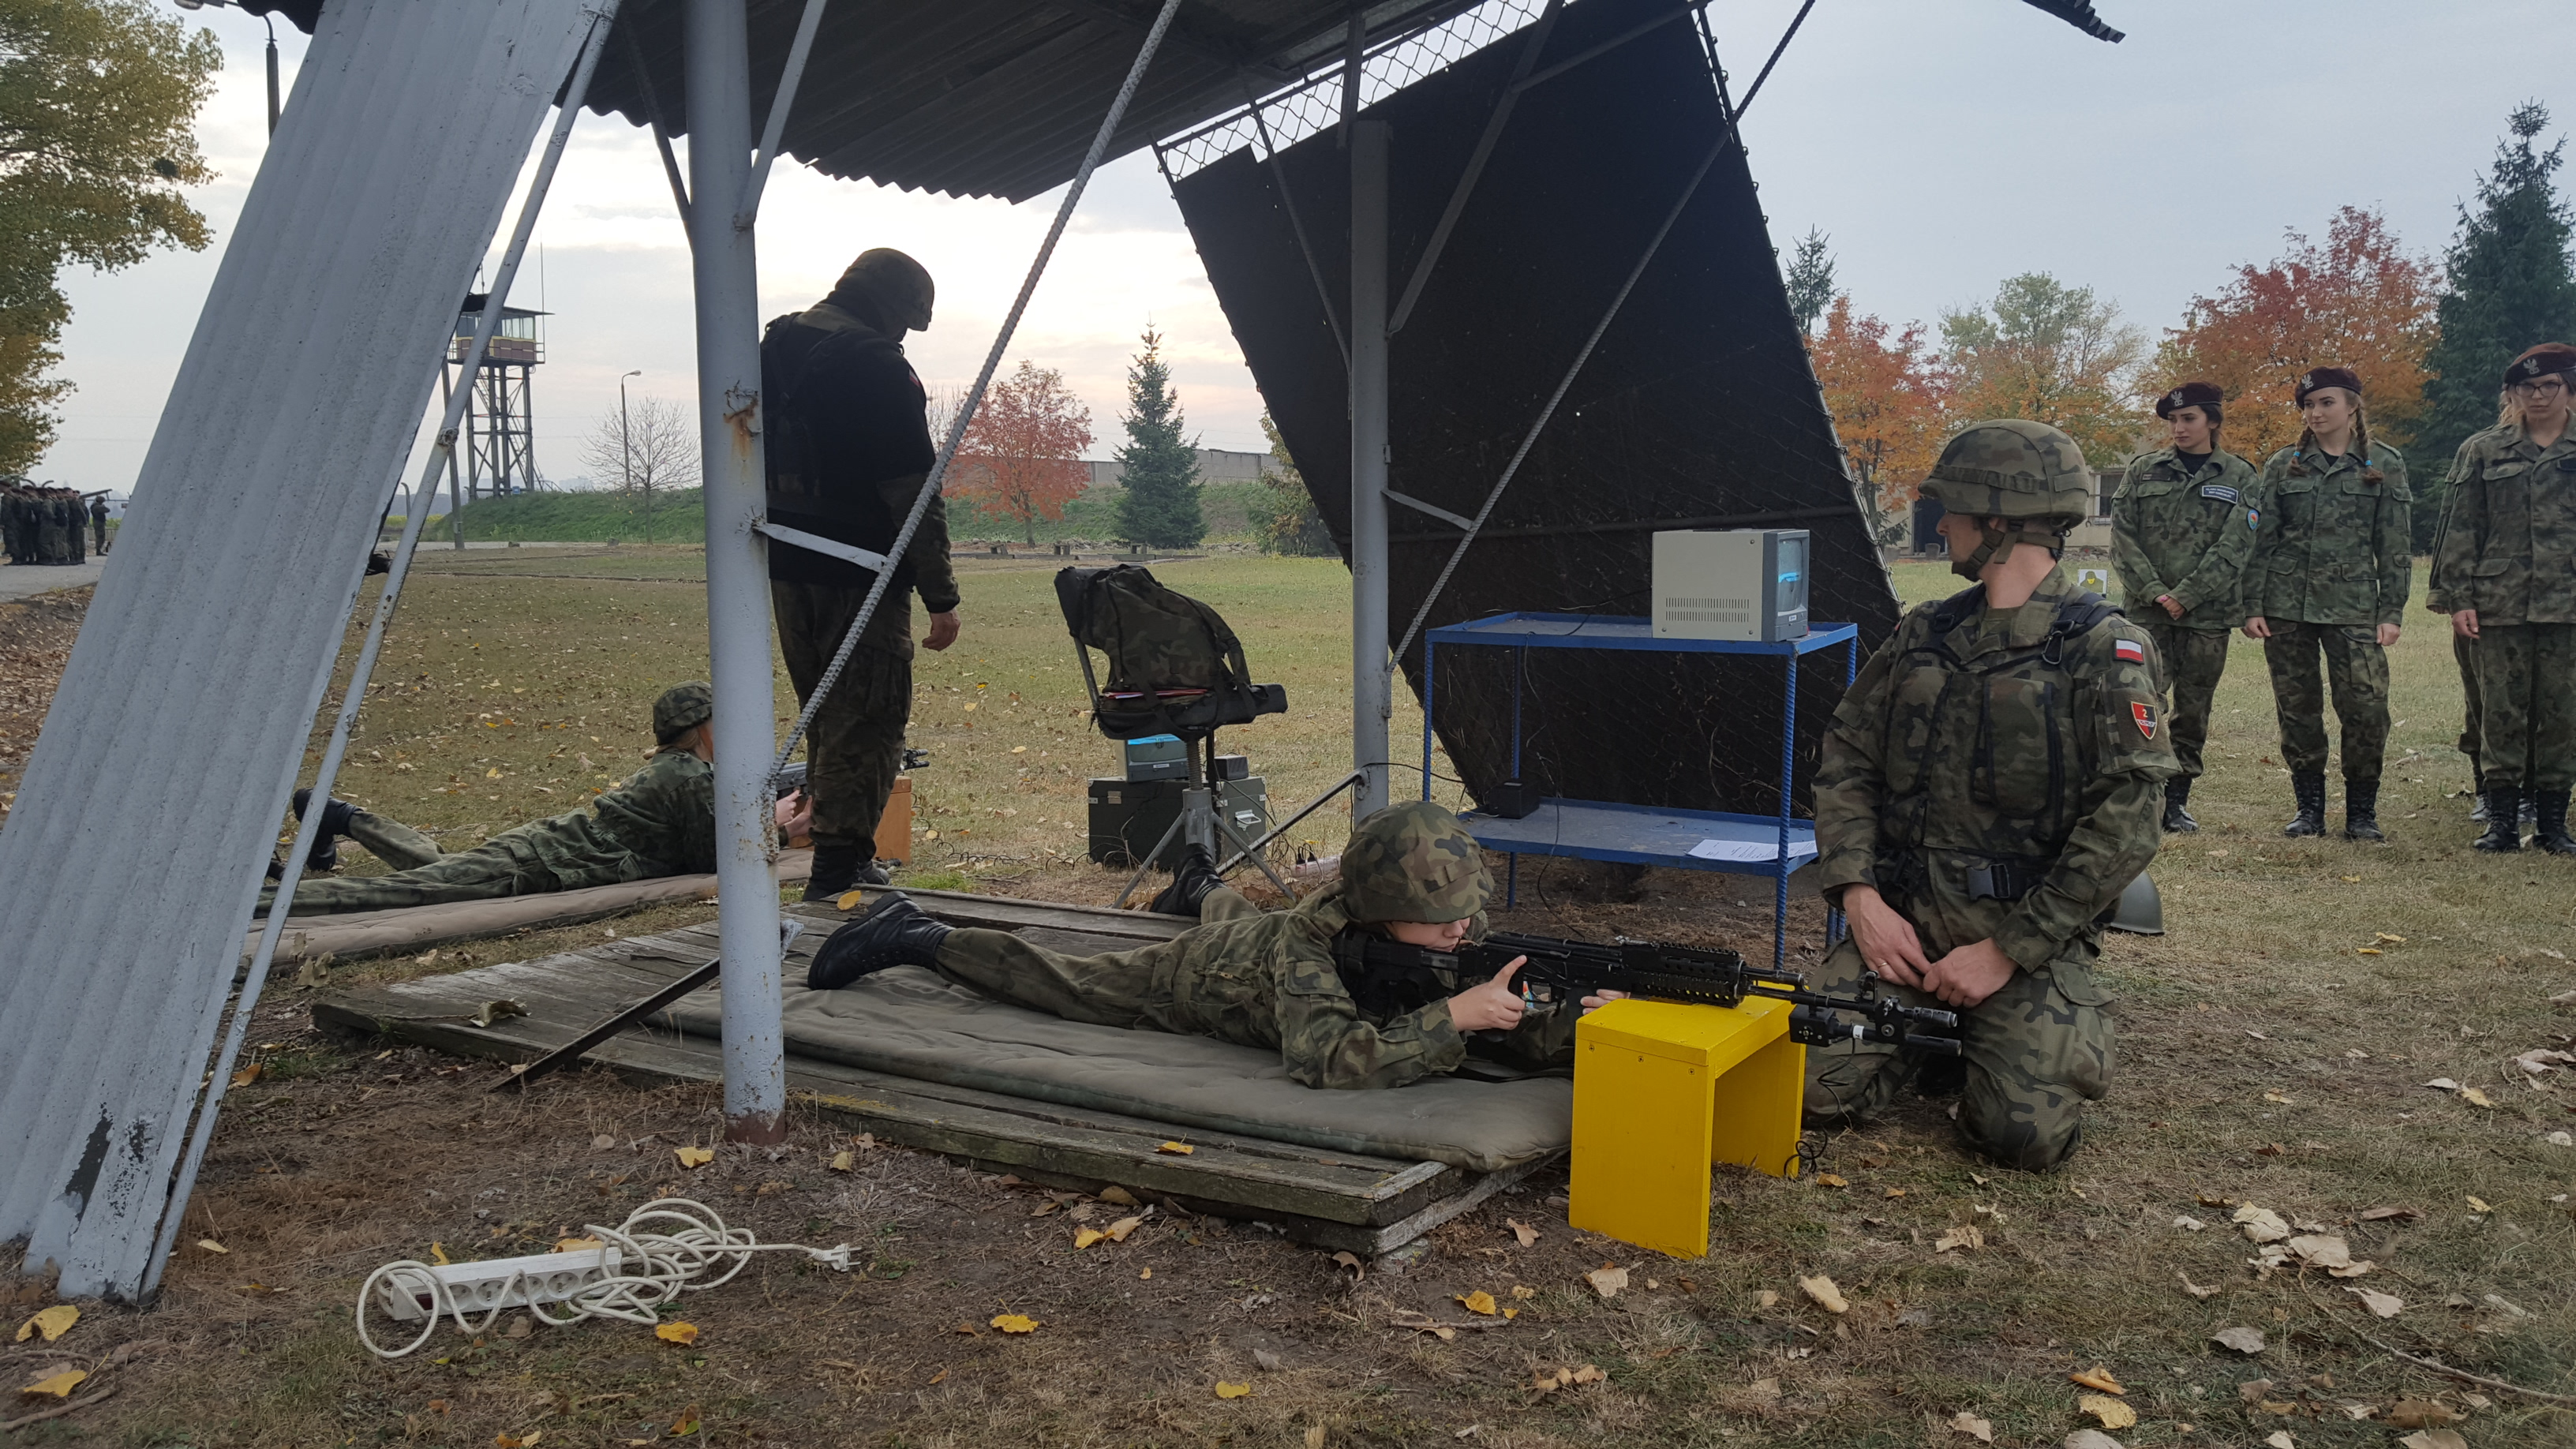 Wojskowy Dzień Szkoleniowy na strzelnicy